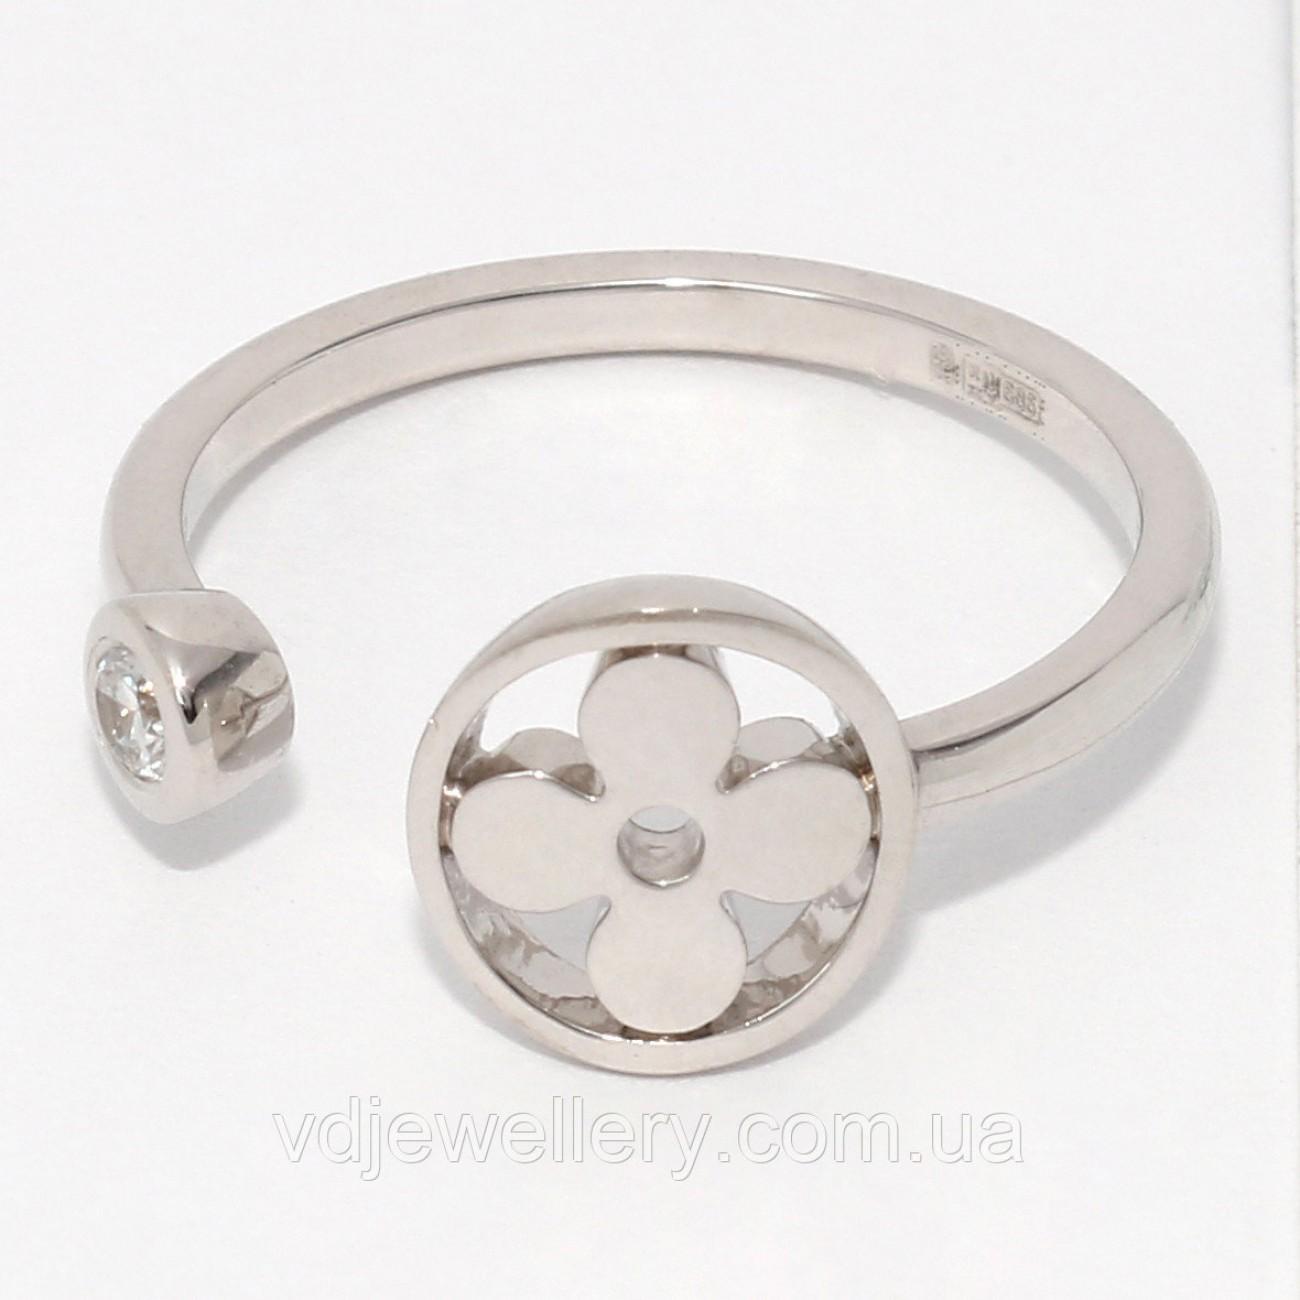 Золотое кольцо Louis Vuitton НХК-21